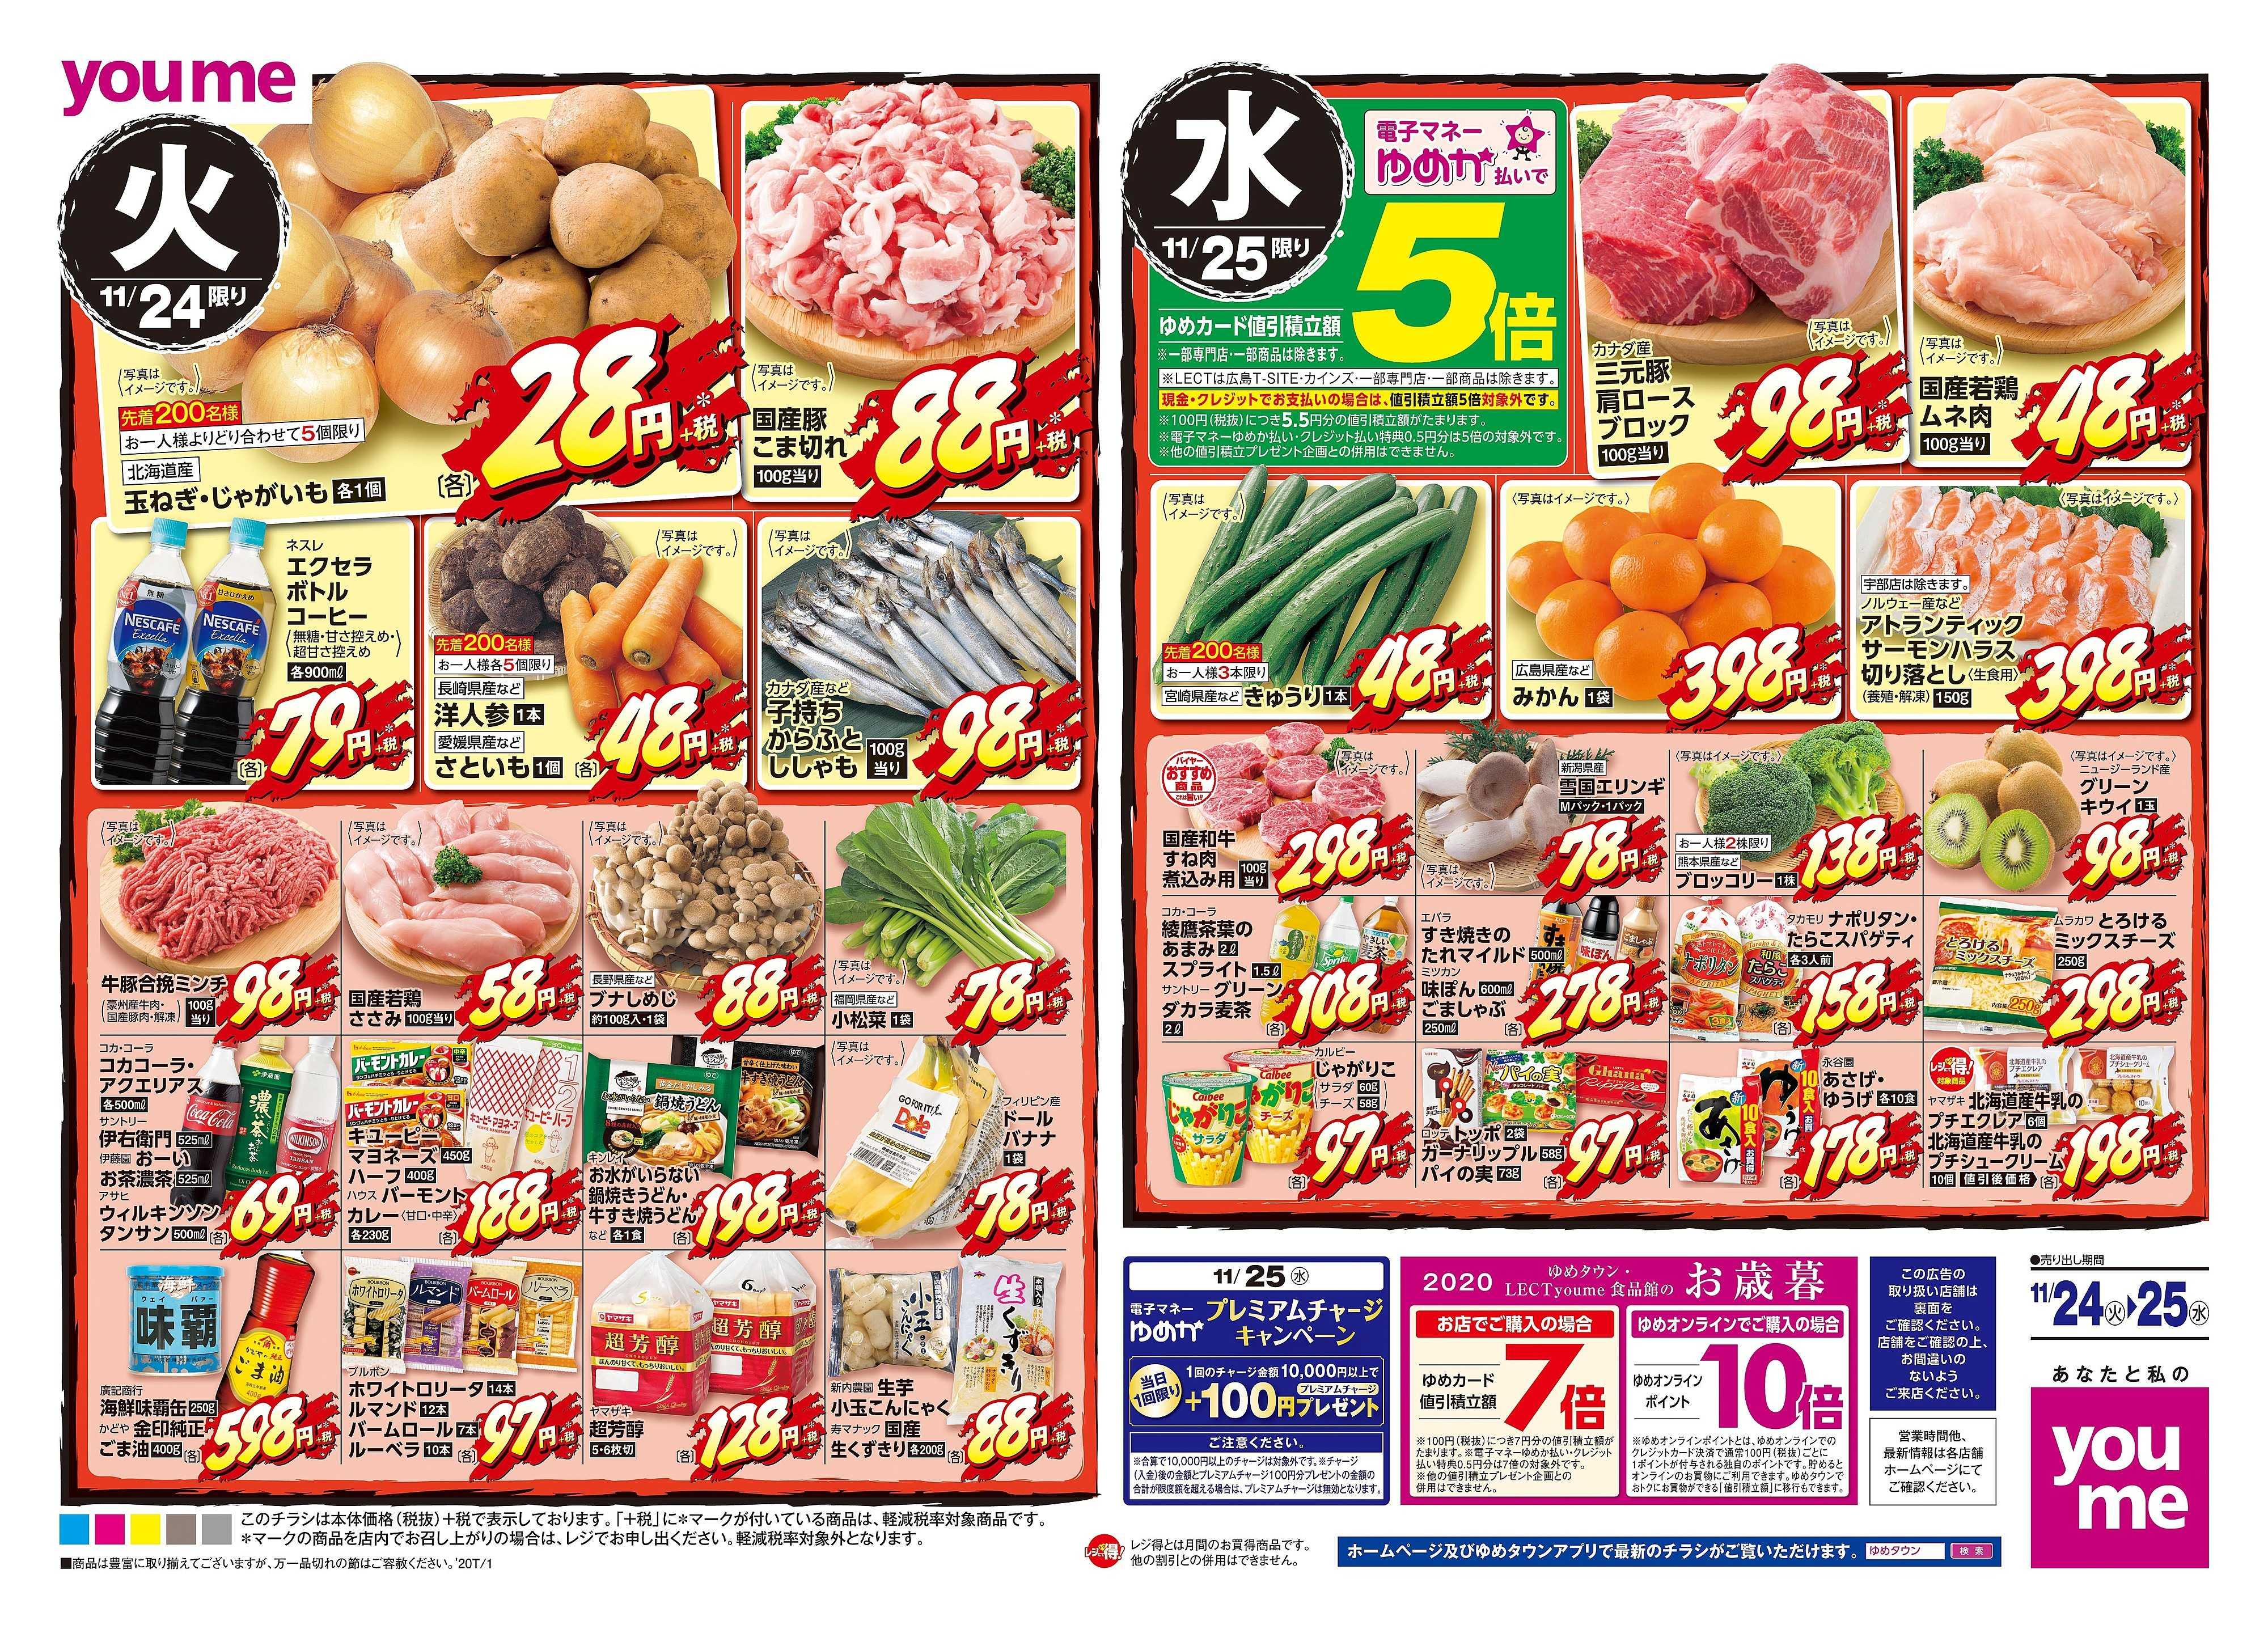 ゆめタウン 11/24(火)-11/25(水)